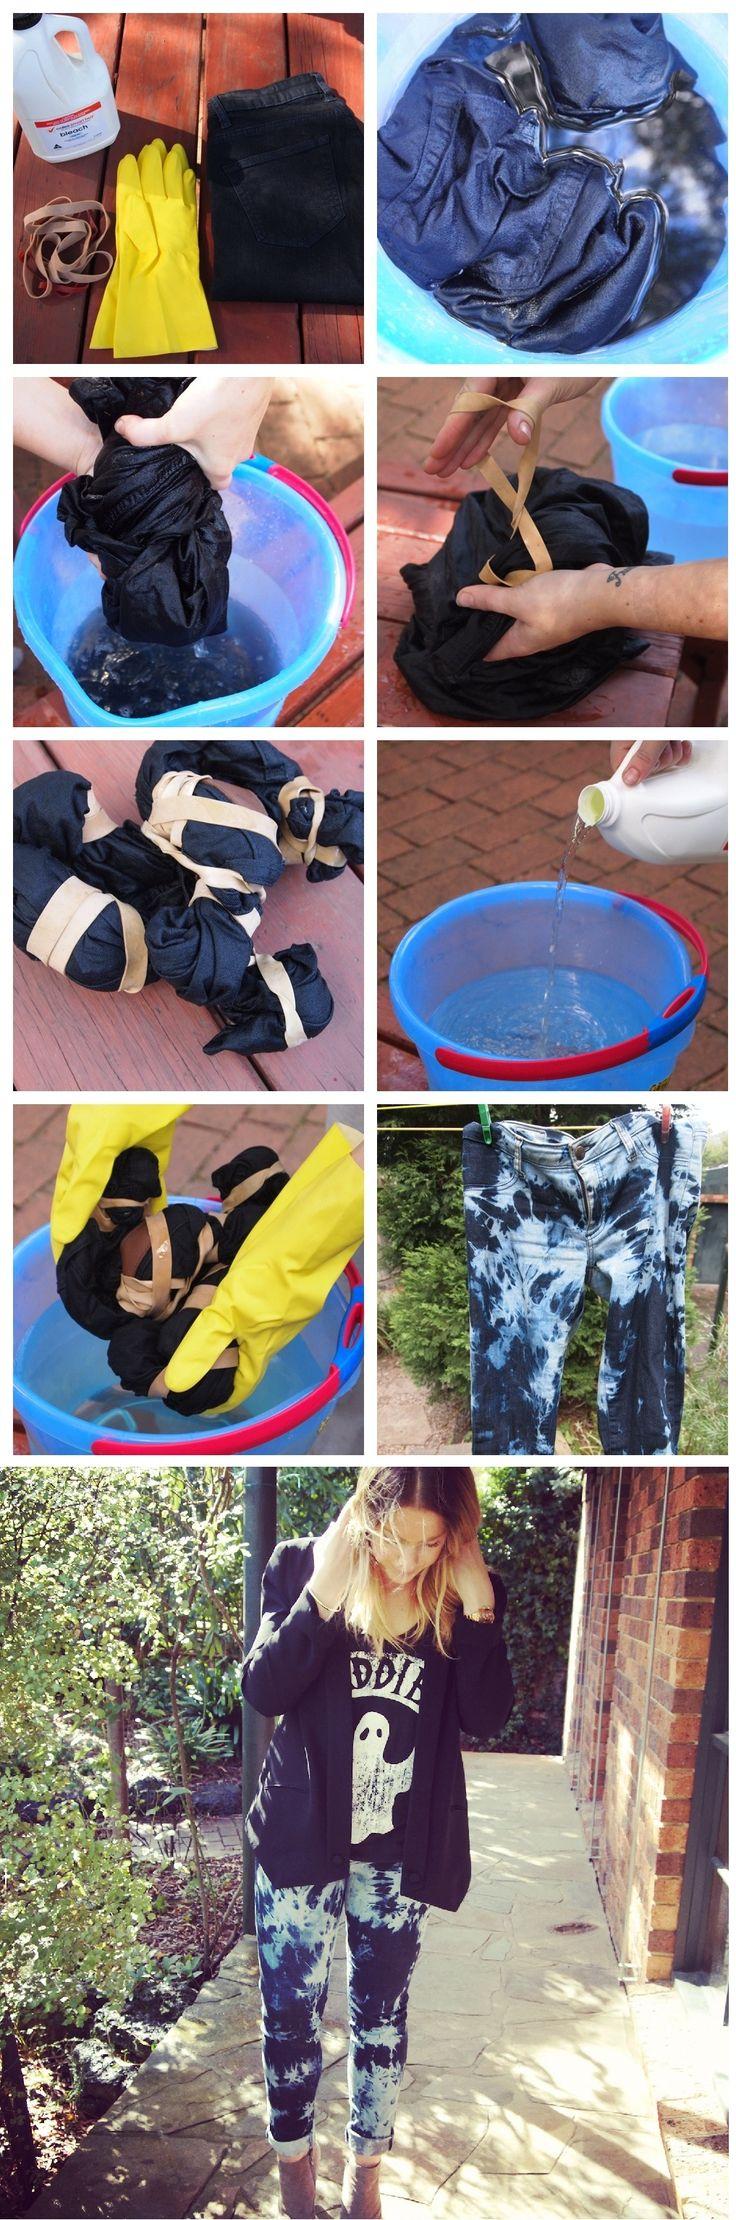 DIY Tie Dye Jeans.  Molhe o jeans e prenda-o com elásticos, como desejar. Não há modo determinado pra isso, você terá mais manchas escuras, quanto mais faixas de borracha amarrar.  Adicione meia garrafa de água sanitária no balde com água.  Usando luvas de borracha, mergulhe o jeans.  Deixe o jeans no balde por algumas horas, verificando sempre. Pode colocar um peso sobre o jeans para mantê-lo sob a água.  Quando a cor estiver boa, enxaguar o jeans, então lave-o como de costume.